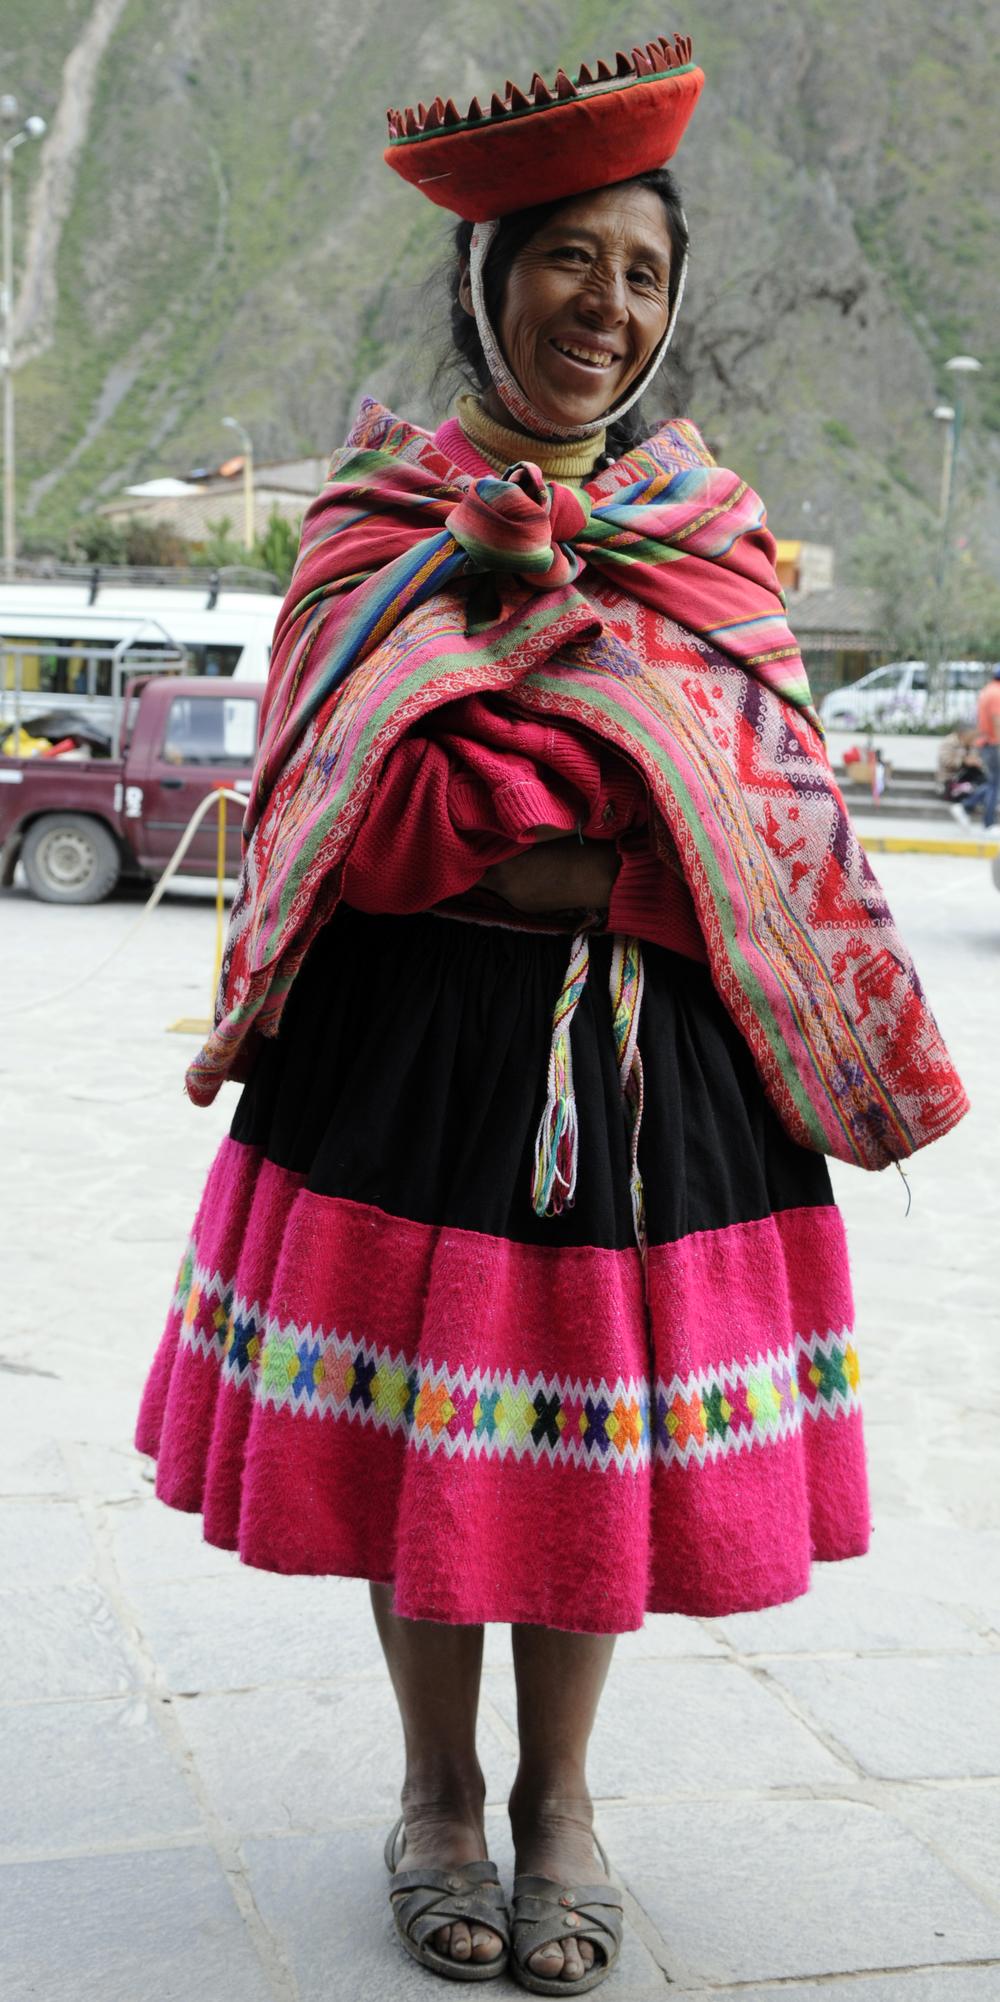 Indianerkvinne på torget i Ollantaytambo. Over skuldrene har hun to tepper, både et mønstervevet og et stripete. I det sistnevnte bærer hun varene sine.